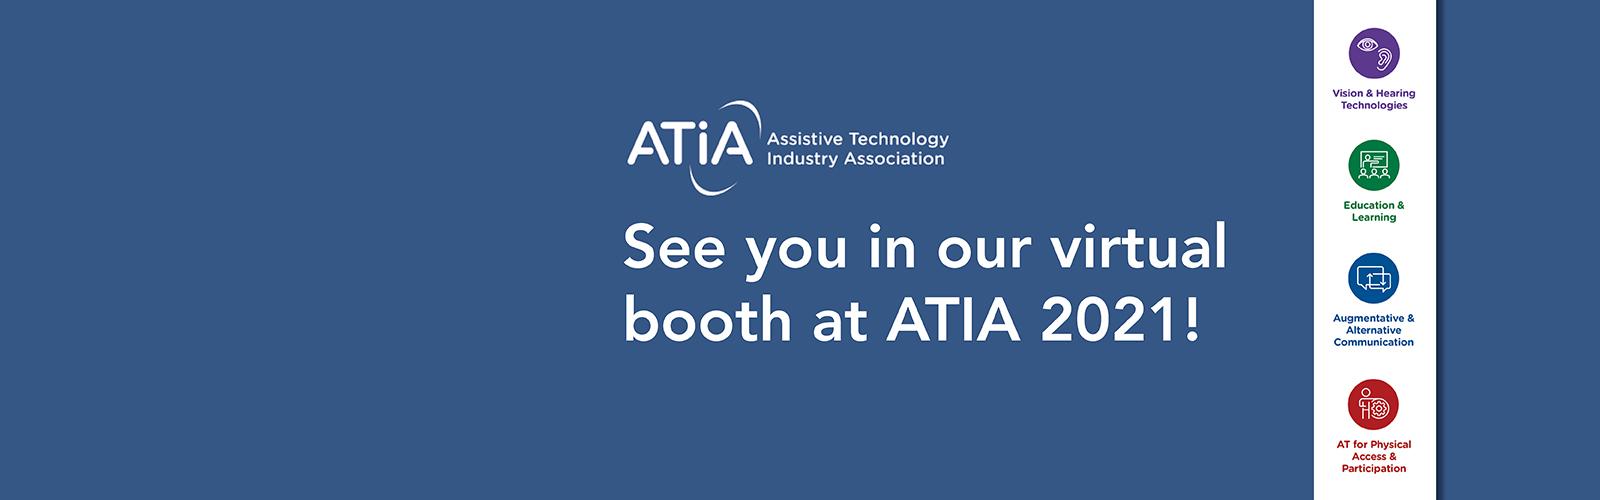 Join us at ATIA 2021!